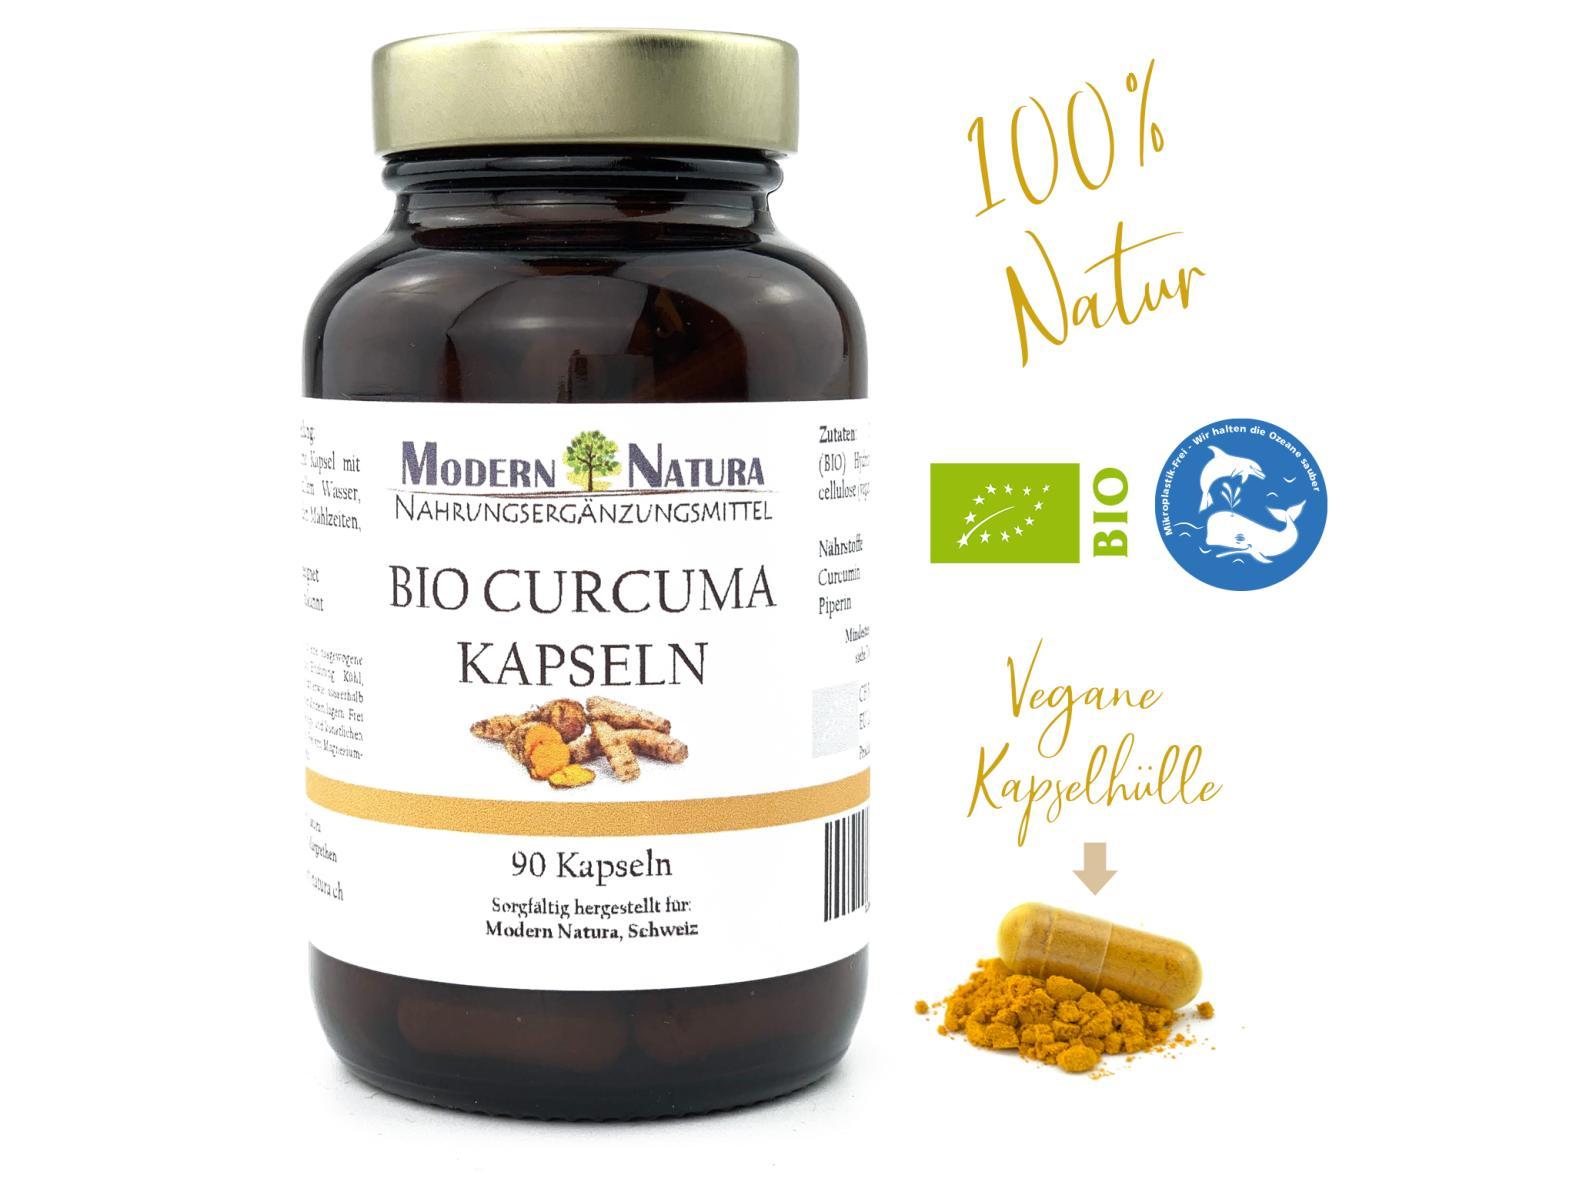 BIO Curcuma / Kurkuma - 90 Kapseln - 400mg Curcumin + 5mg Piperin - Vegan & Glutenfrei